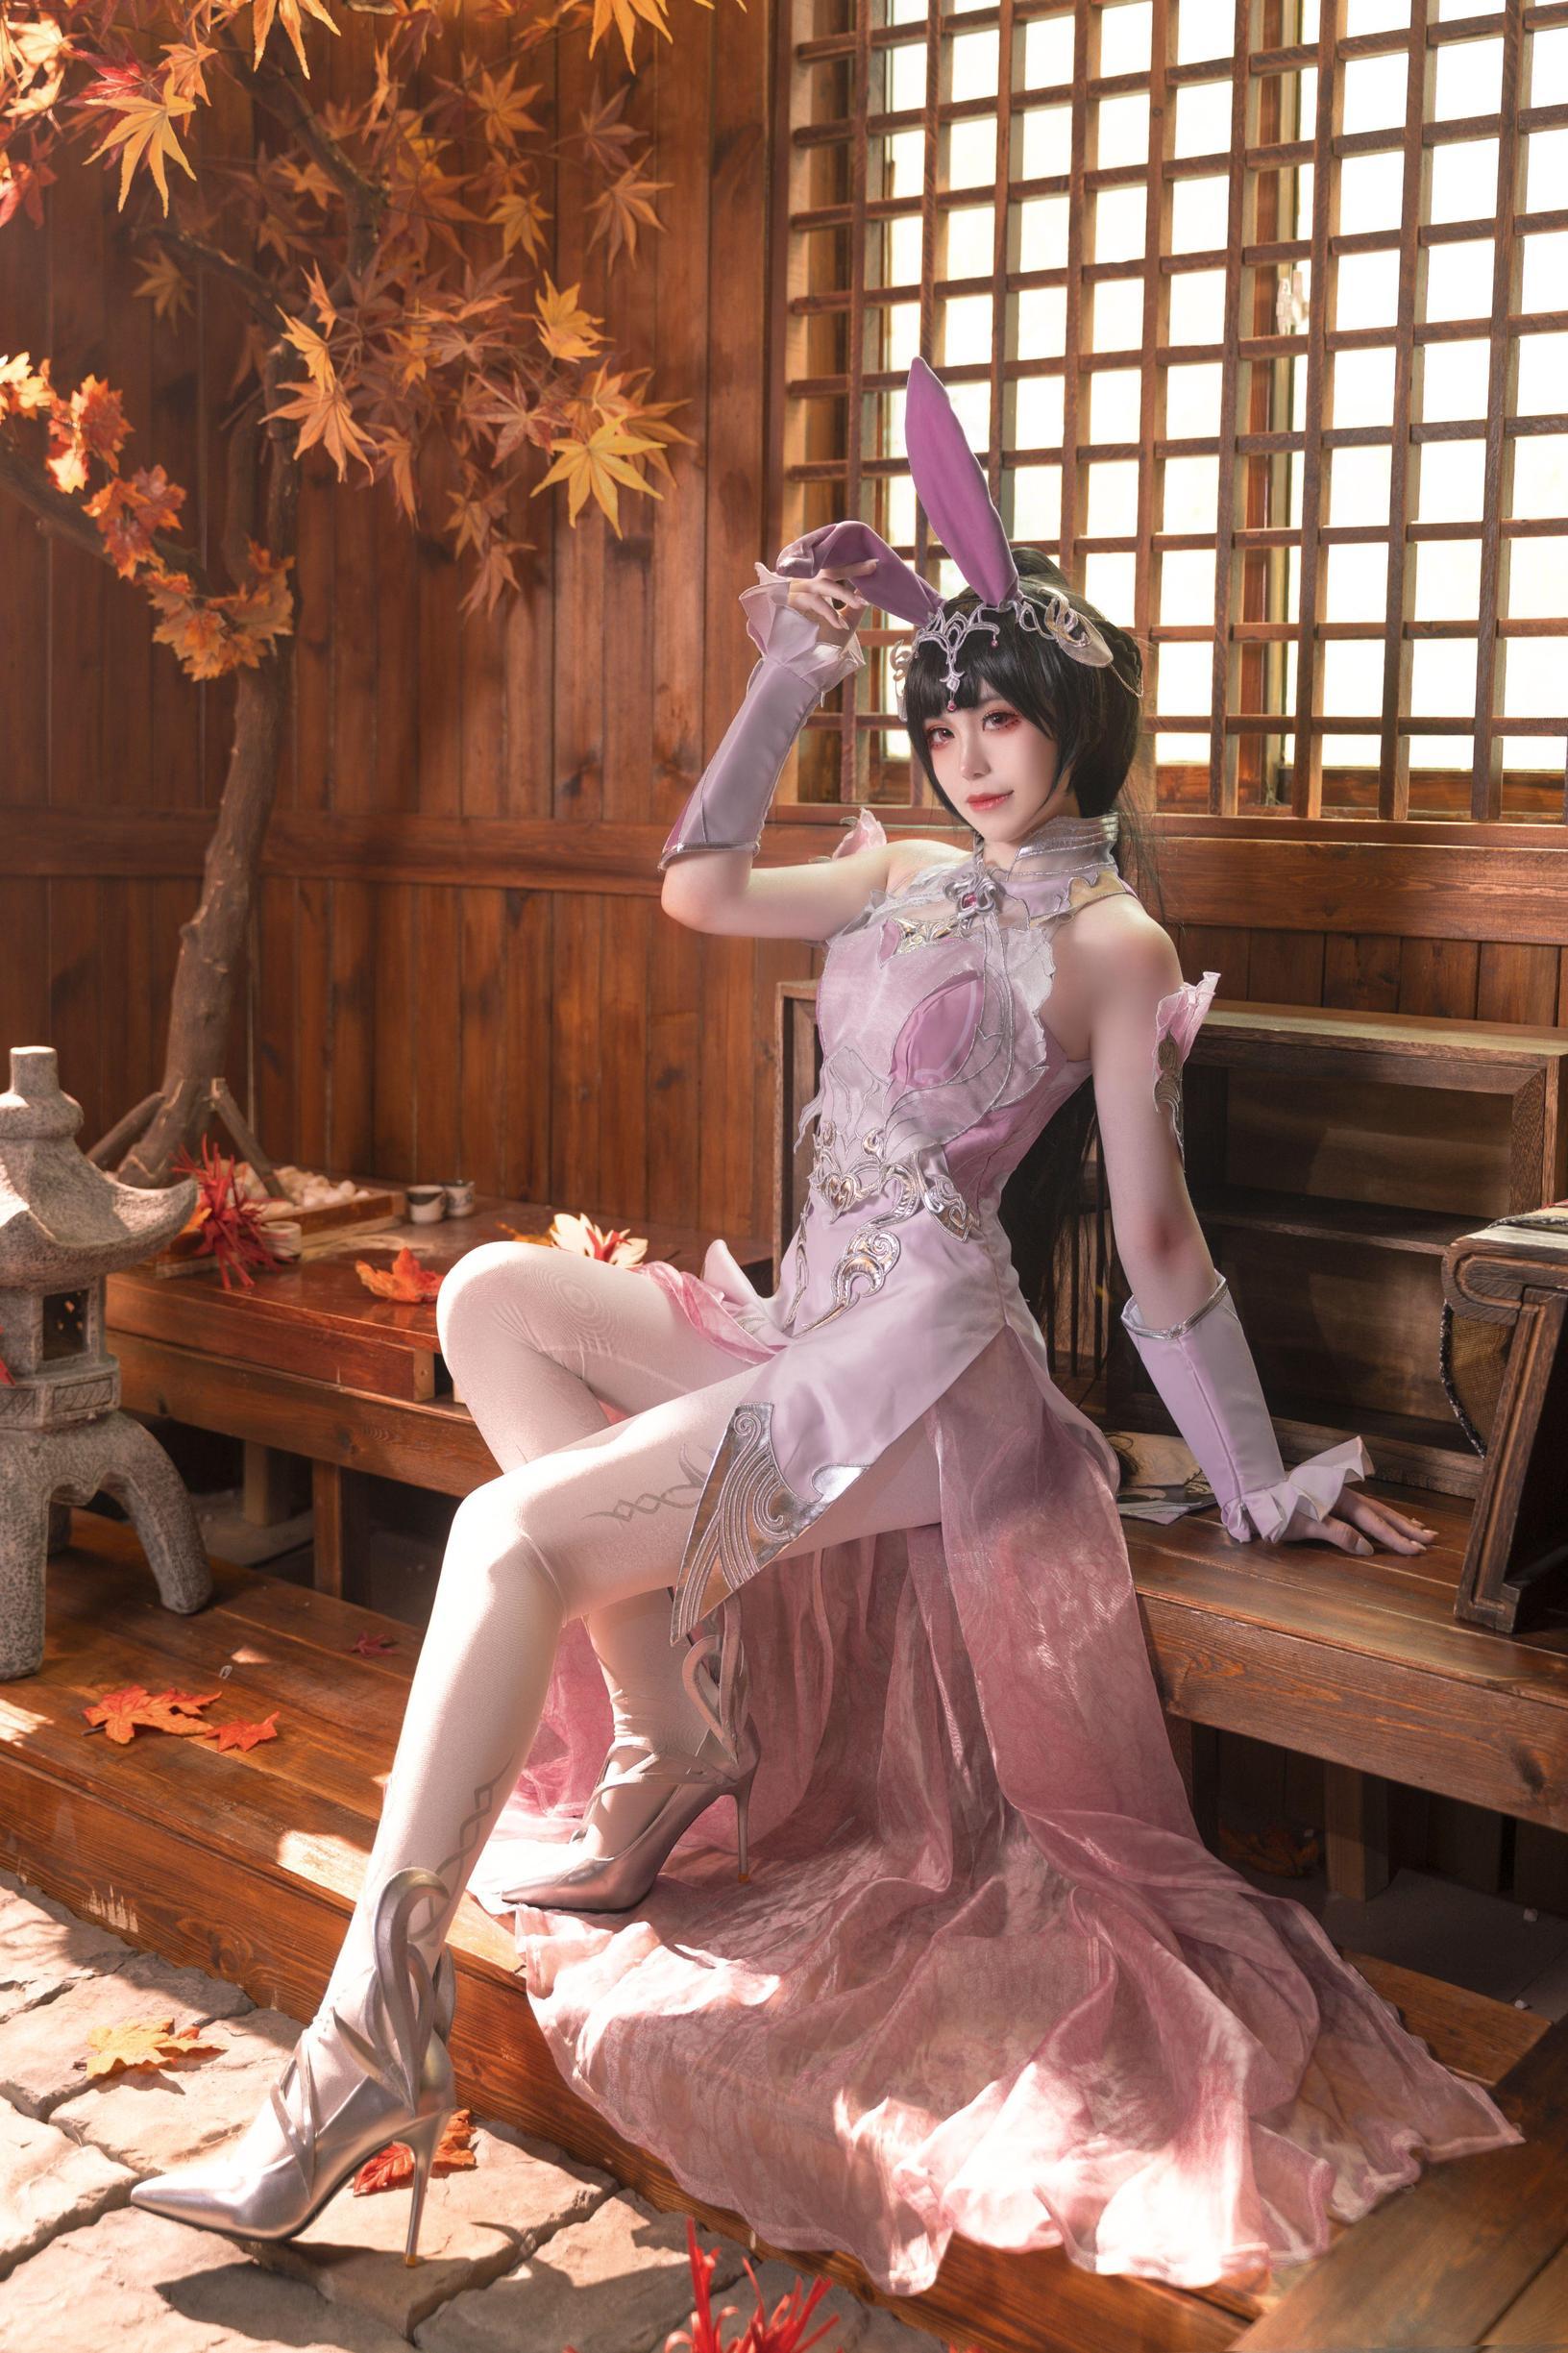 《斗罗大陆》正片cosplay【CN:沁沁ovo】 -cosplay美女大胸图片插图